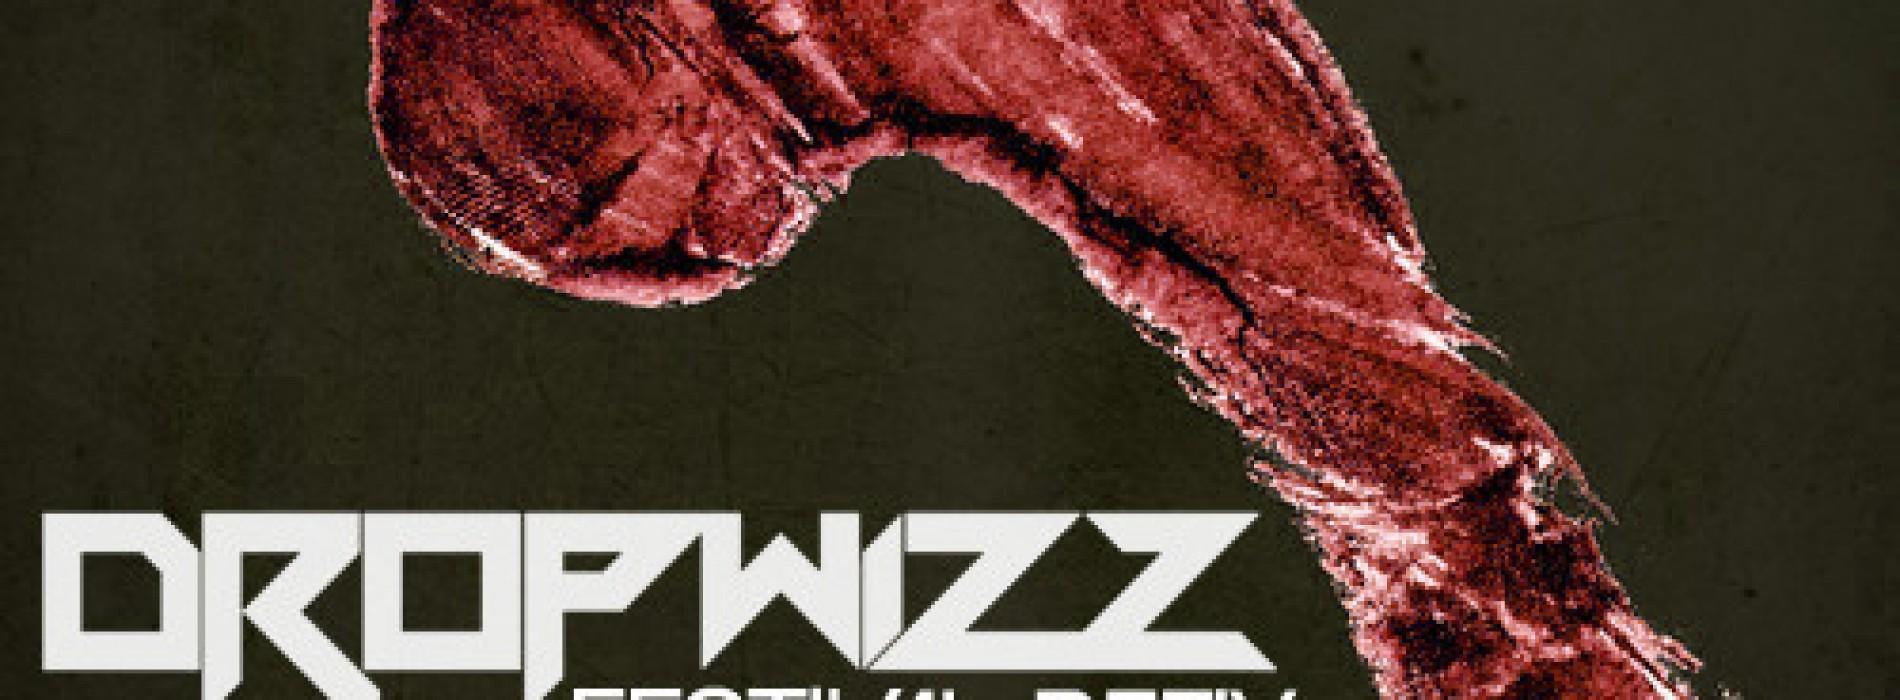 Dropwizz – W&W:Bigfoot (Festival Bootleg)